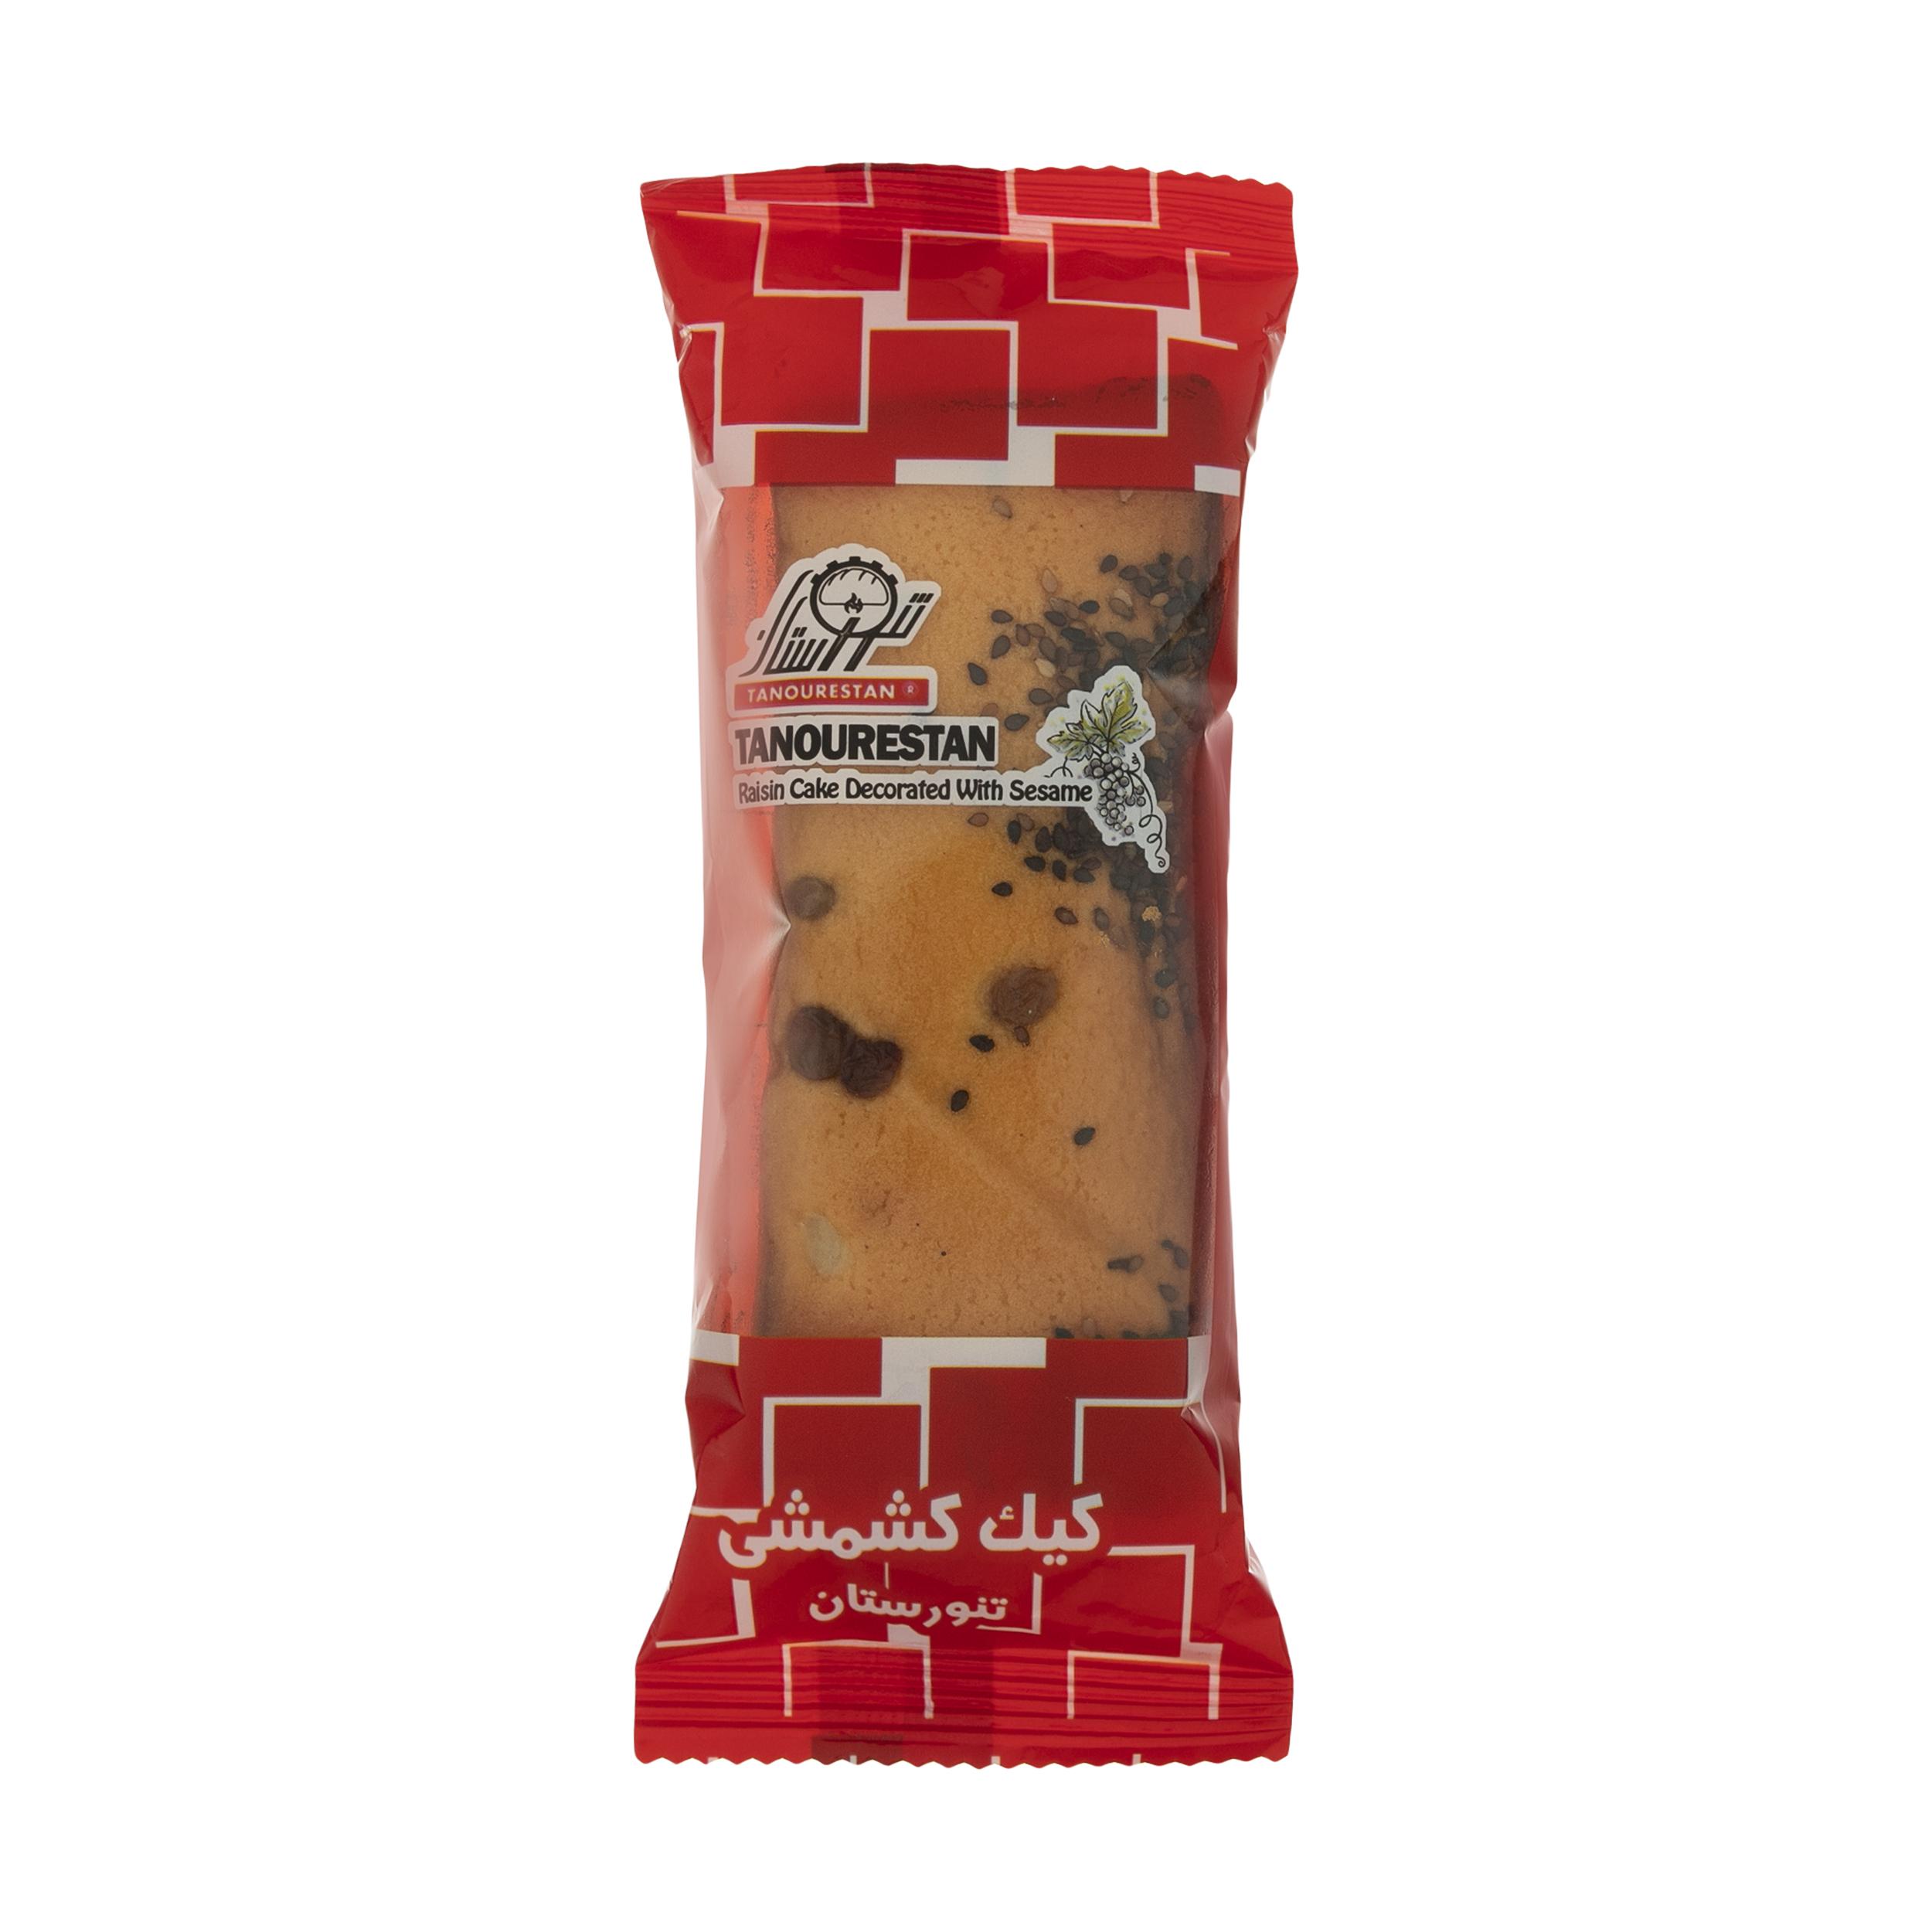 کیک کشمشی تنورستان - 100 گرم